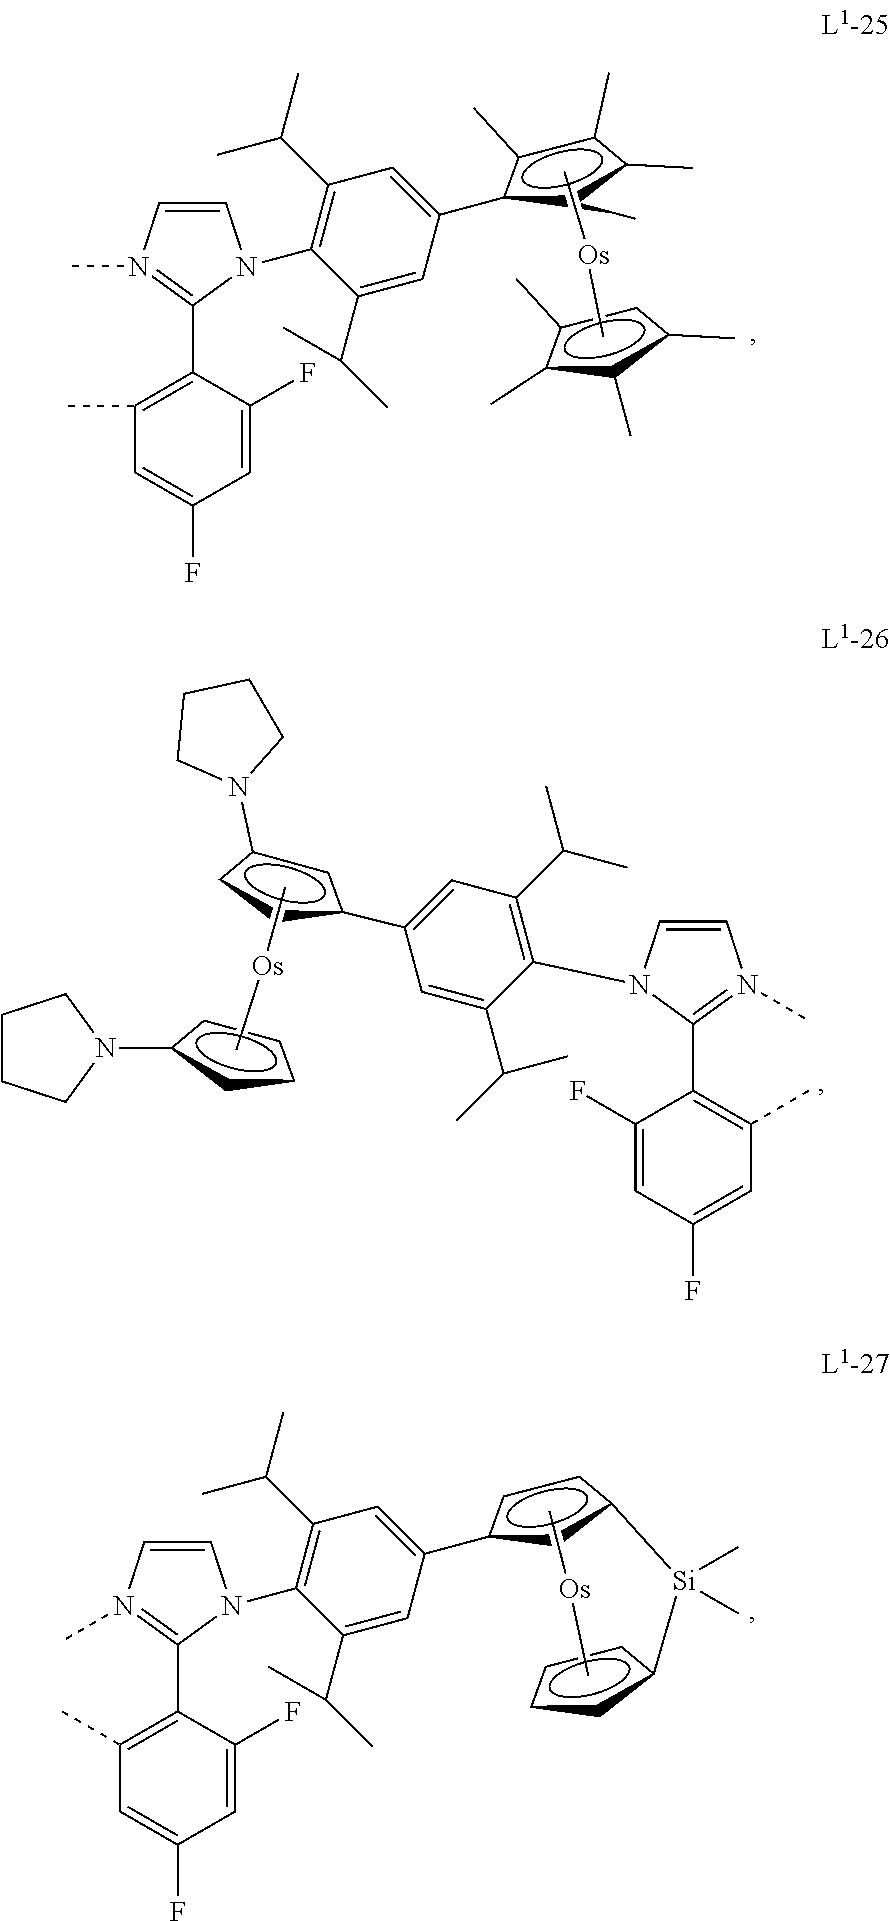 Figure US09450195-20160920-C00019